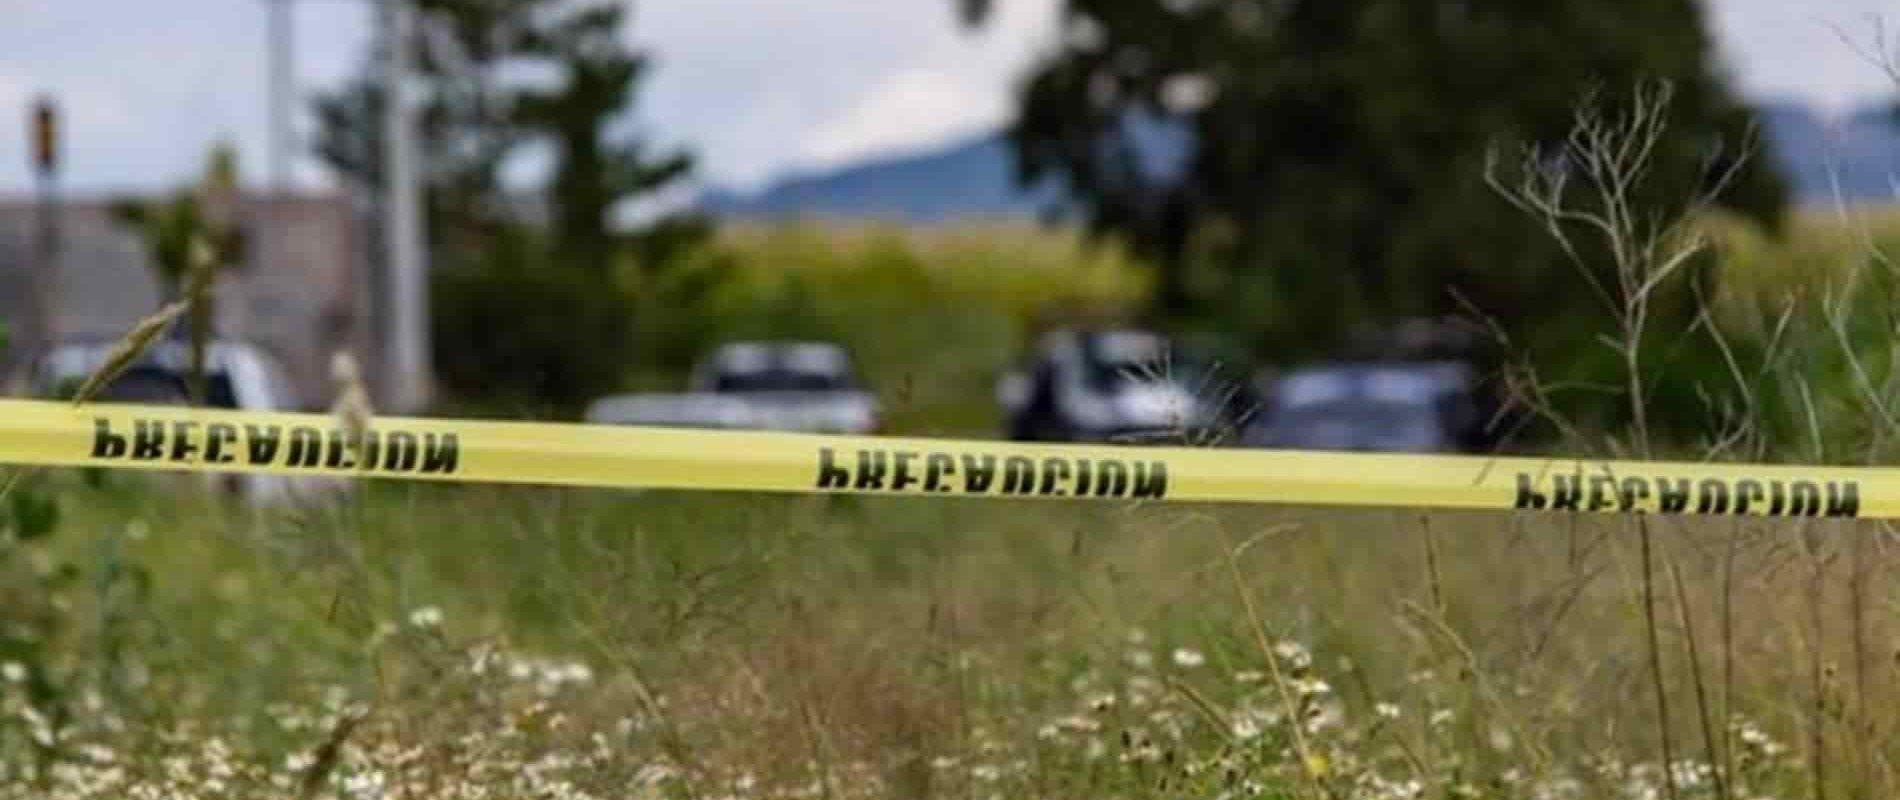 Siguen las matanzas en México, encuentran 10 cuerpos en una vivienda de Zacatecas